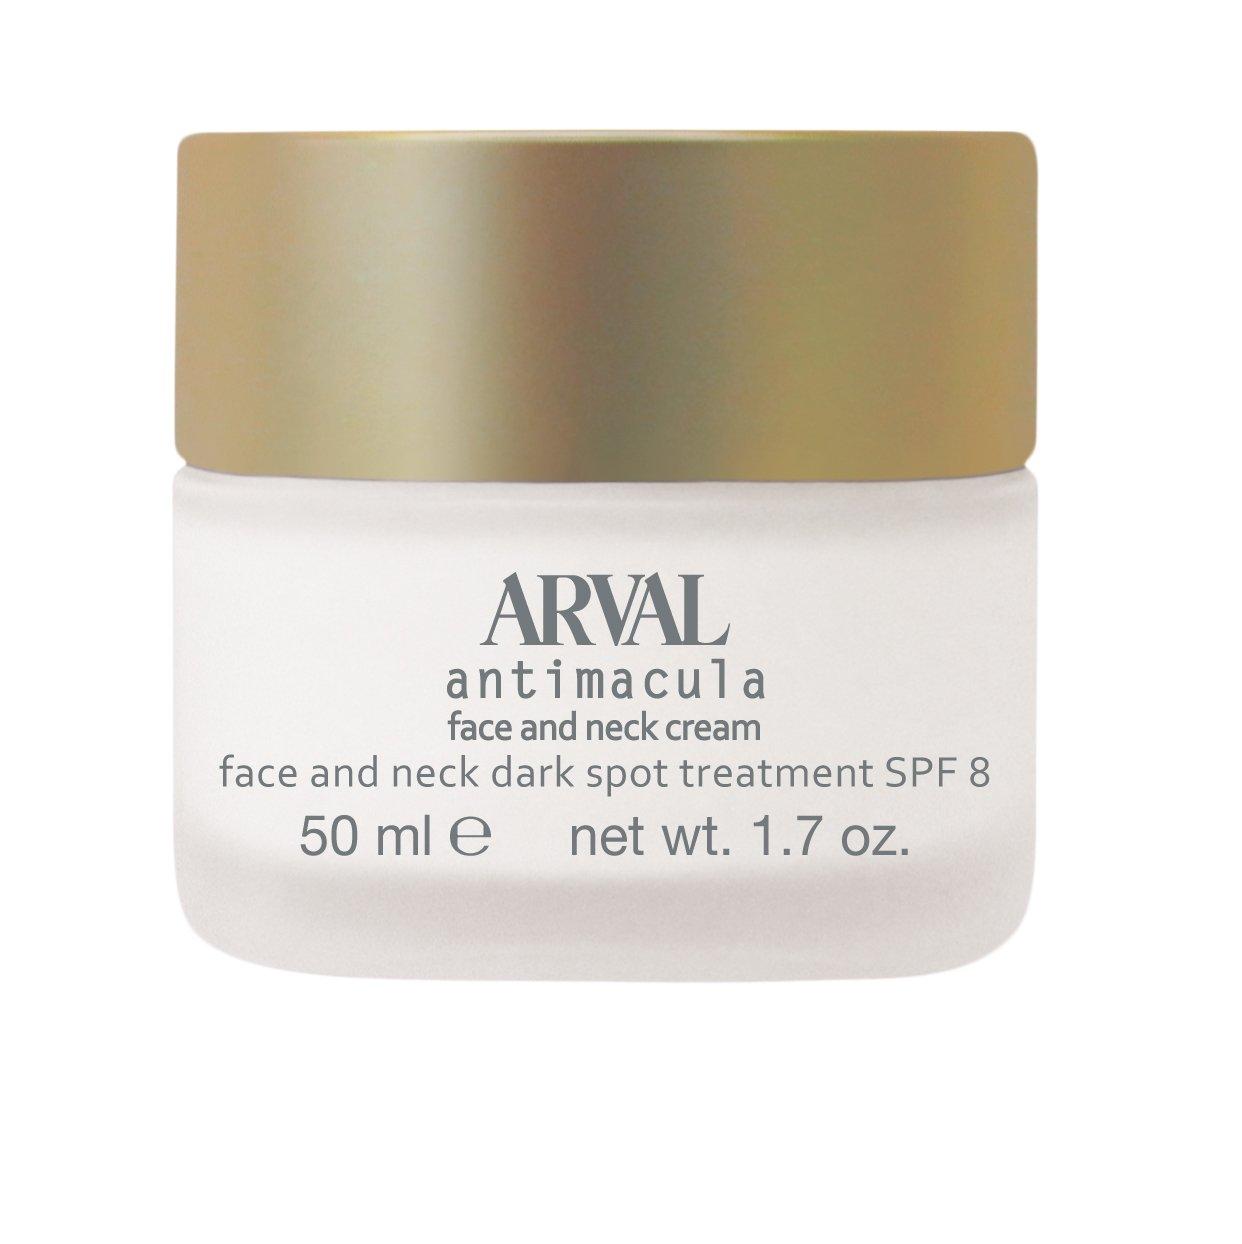 Antimacula Face And Neck Cream Trattamento Macchie Scure Viso E Collo 50 ml Arval Srl 8025935220011 87123